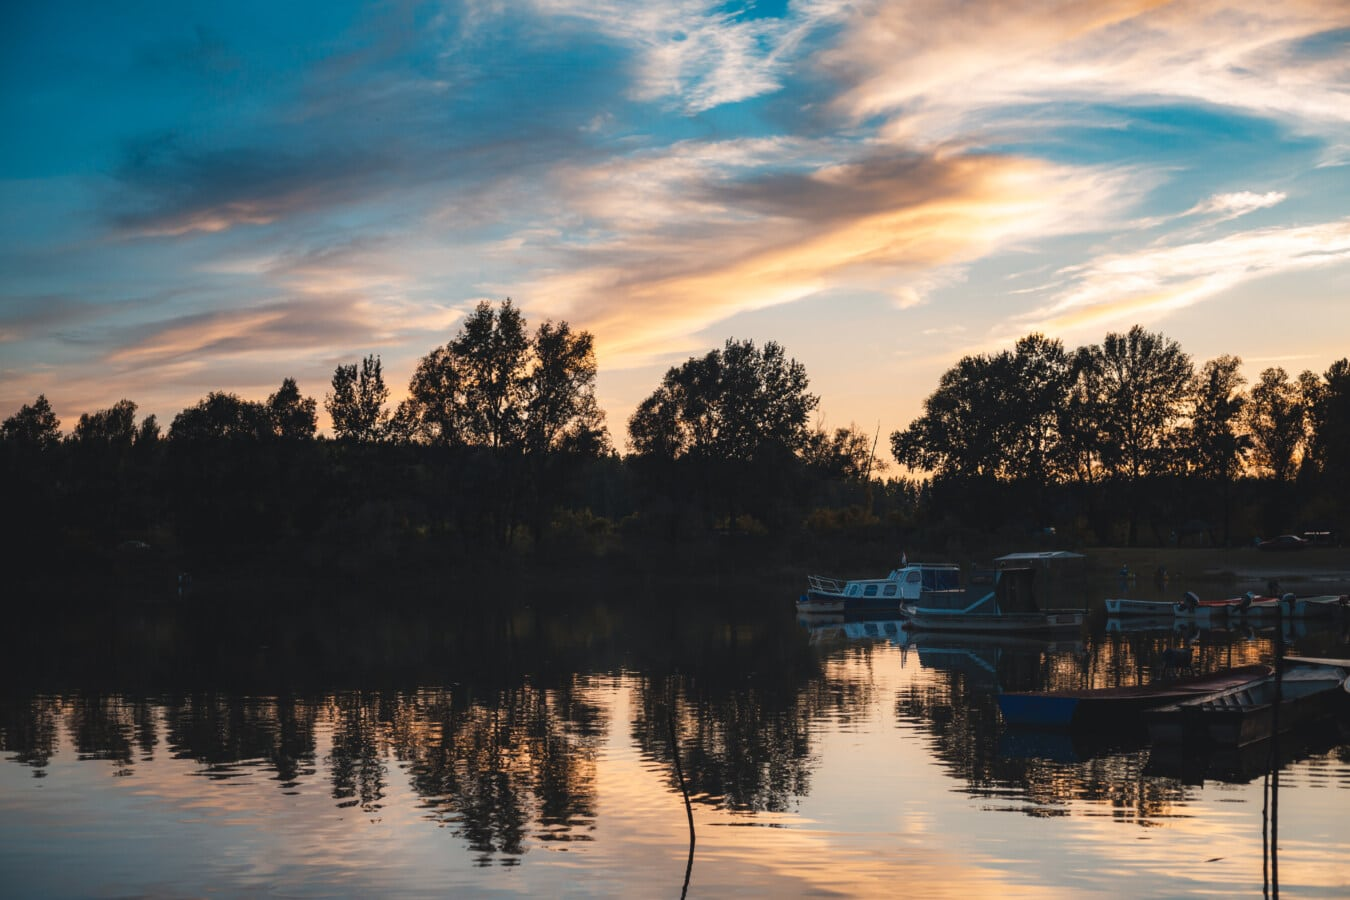 crépuscule, crépuscule, bateaux, port, coucher de soleil, réflexion, Lac, eau, aube, soirée